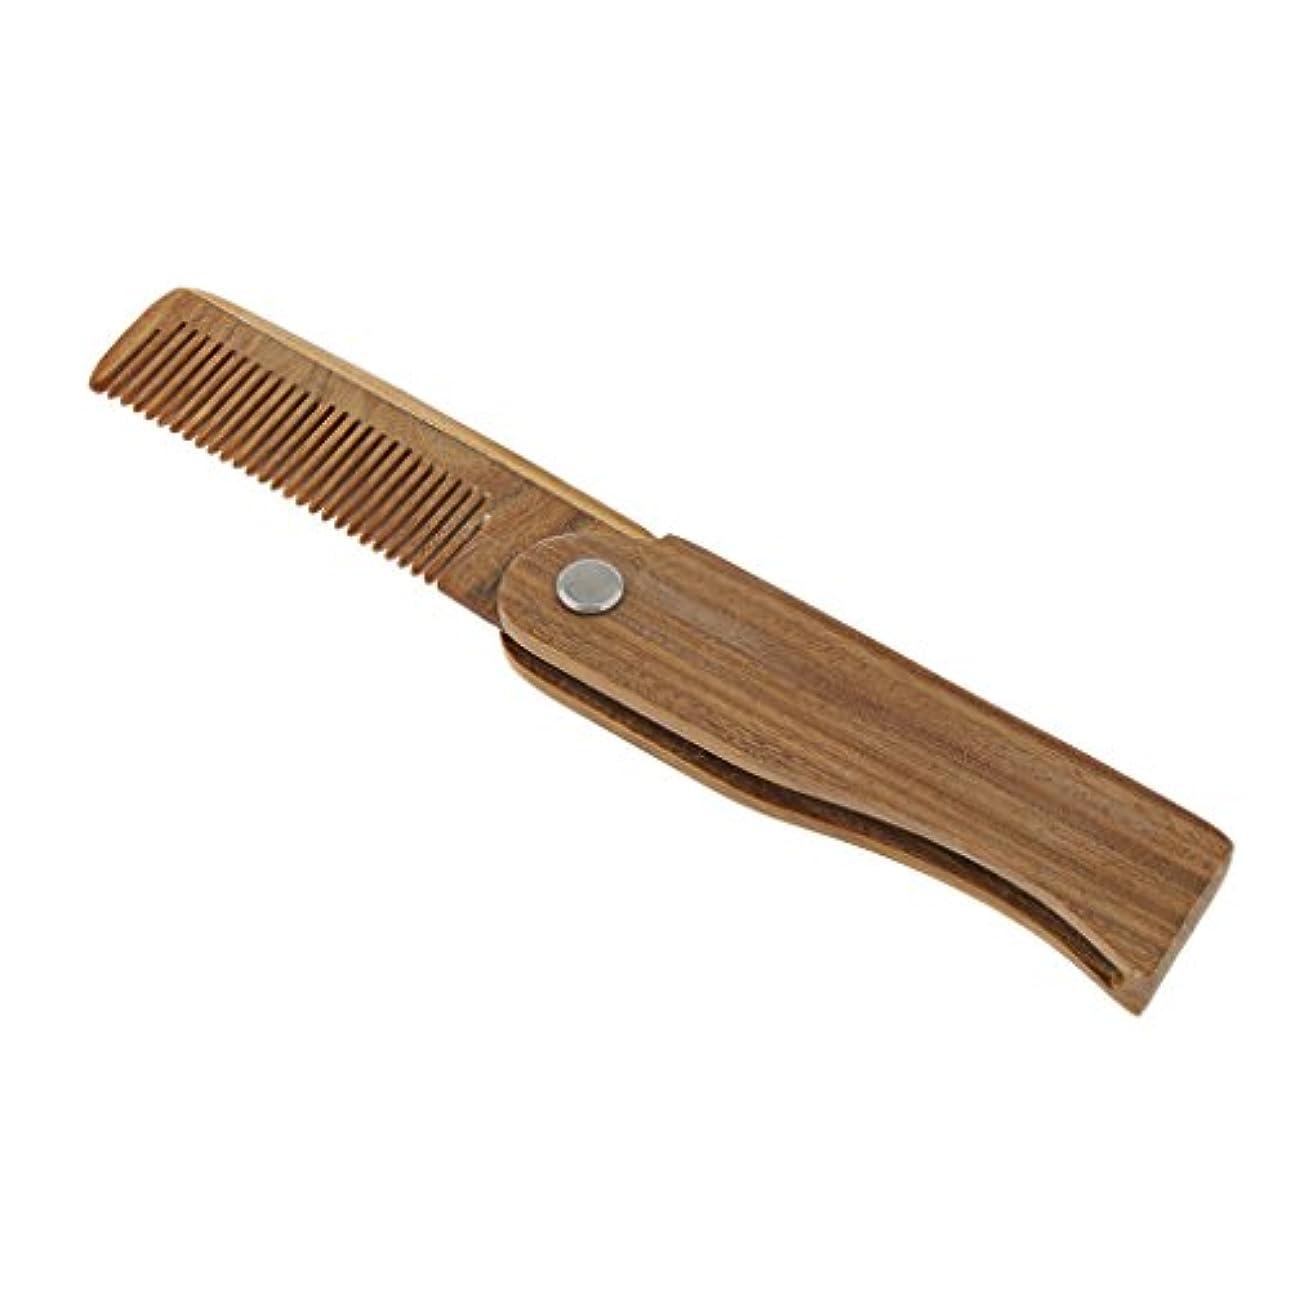 専門知識温度計偽装するFenteer 木製櫛 ヘアブラシ ヘアコーム ポケットサイズ 折り畳み式 ひげ櫛 2タイプ選べる - B